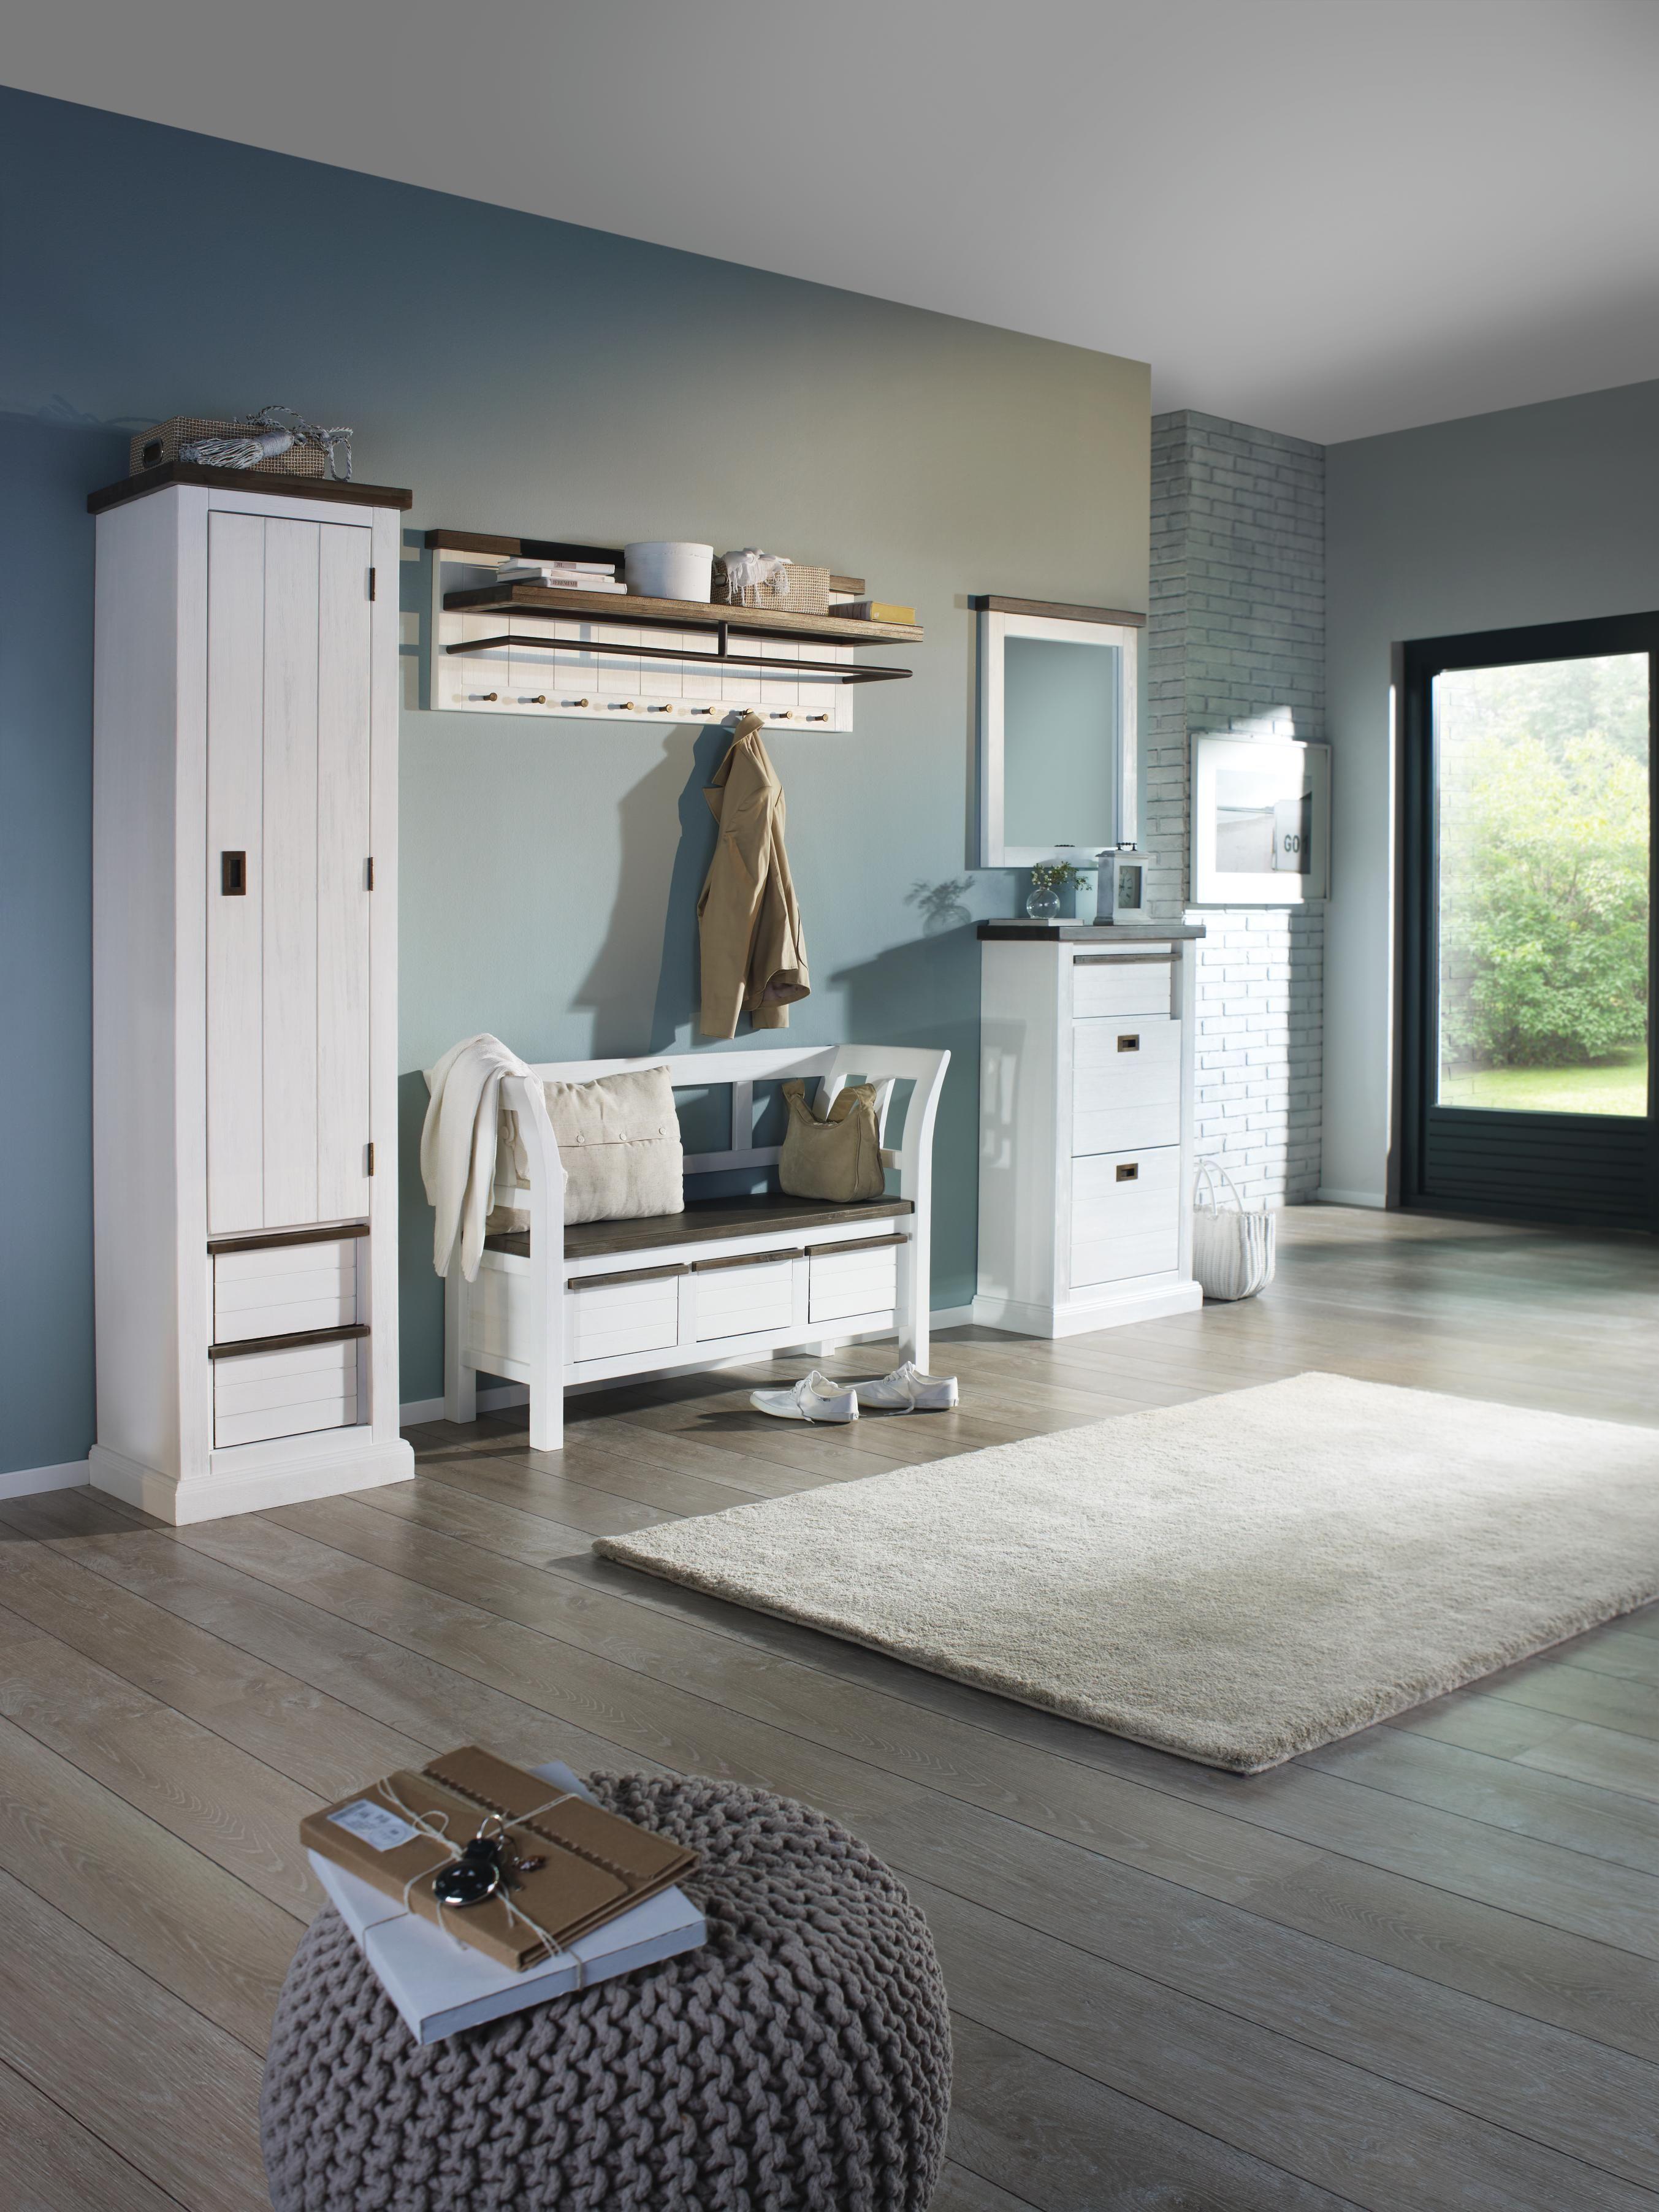 Spiegel 64 75 5 cm gaderobe garderobe vorzimmer und einrichtung - Linea natura garderobe ...